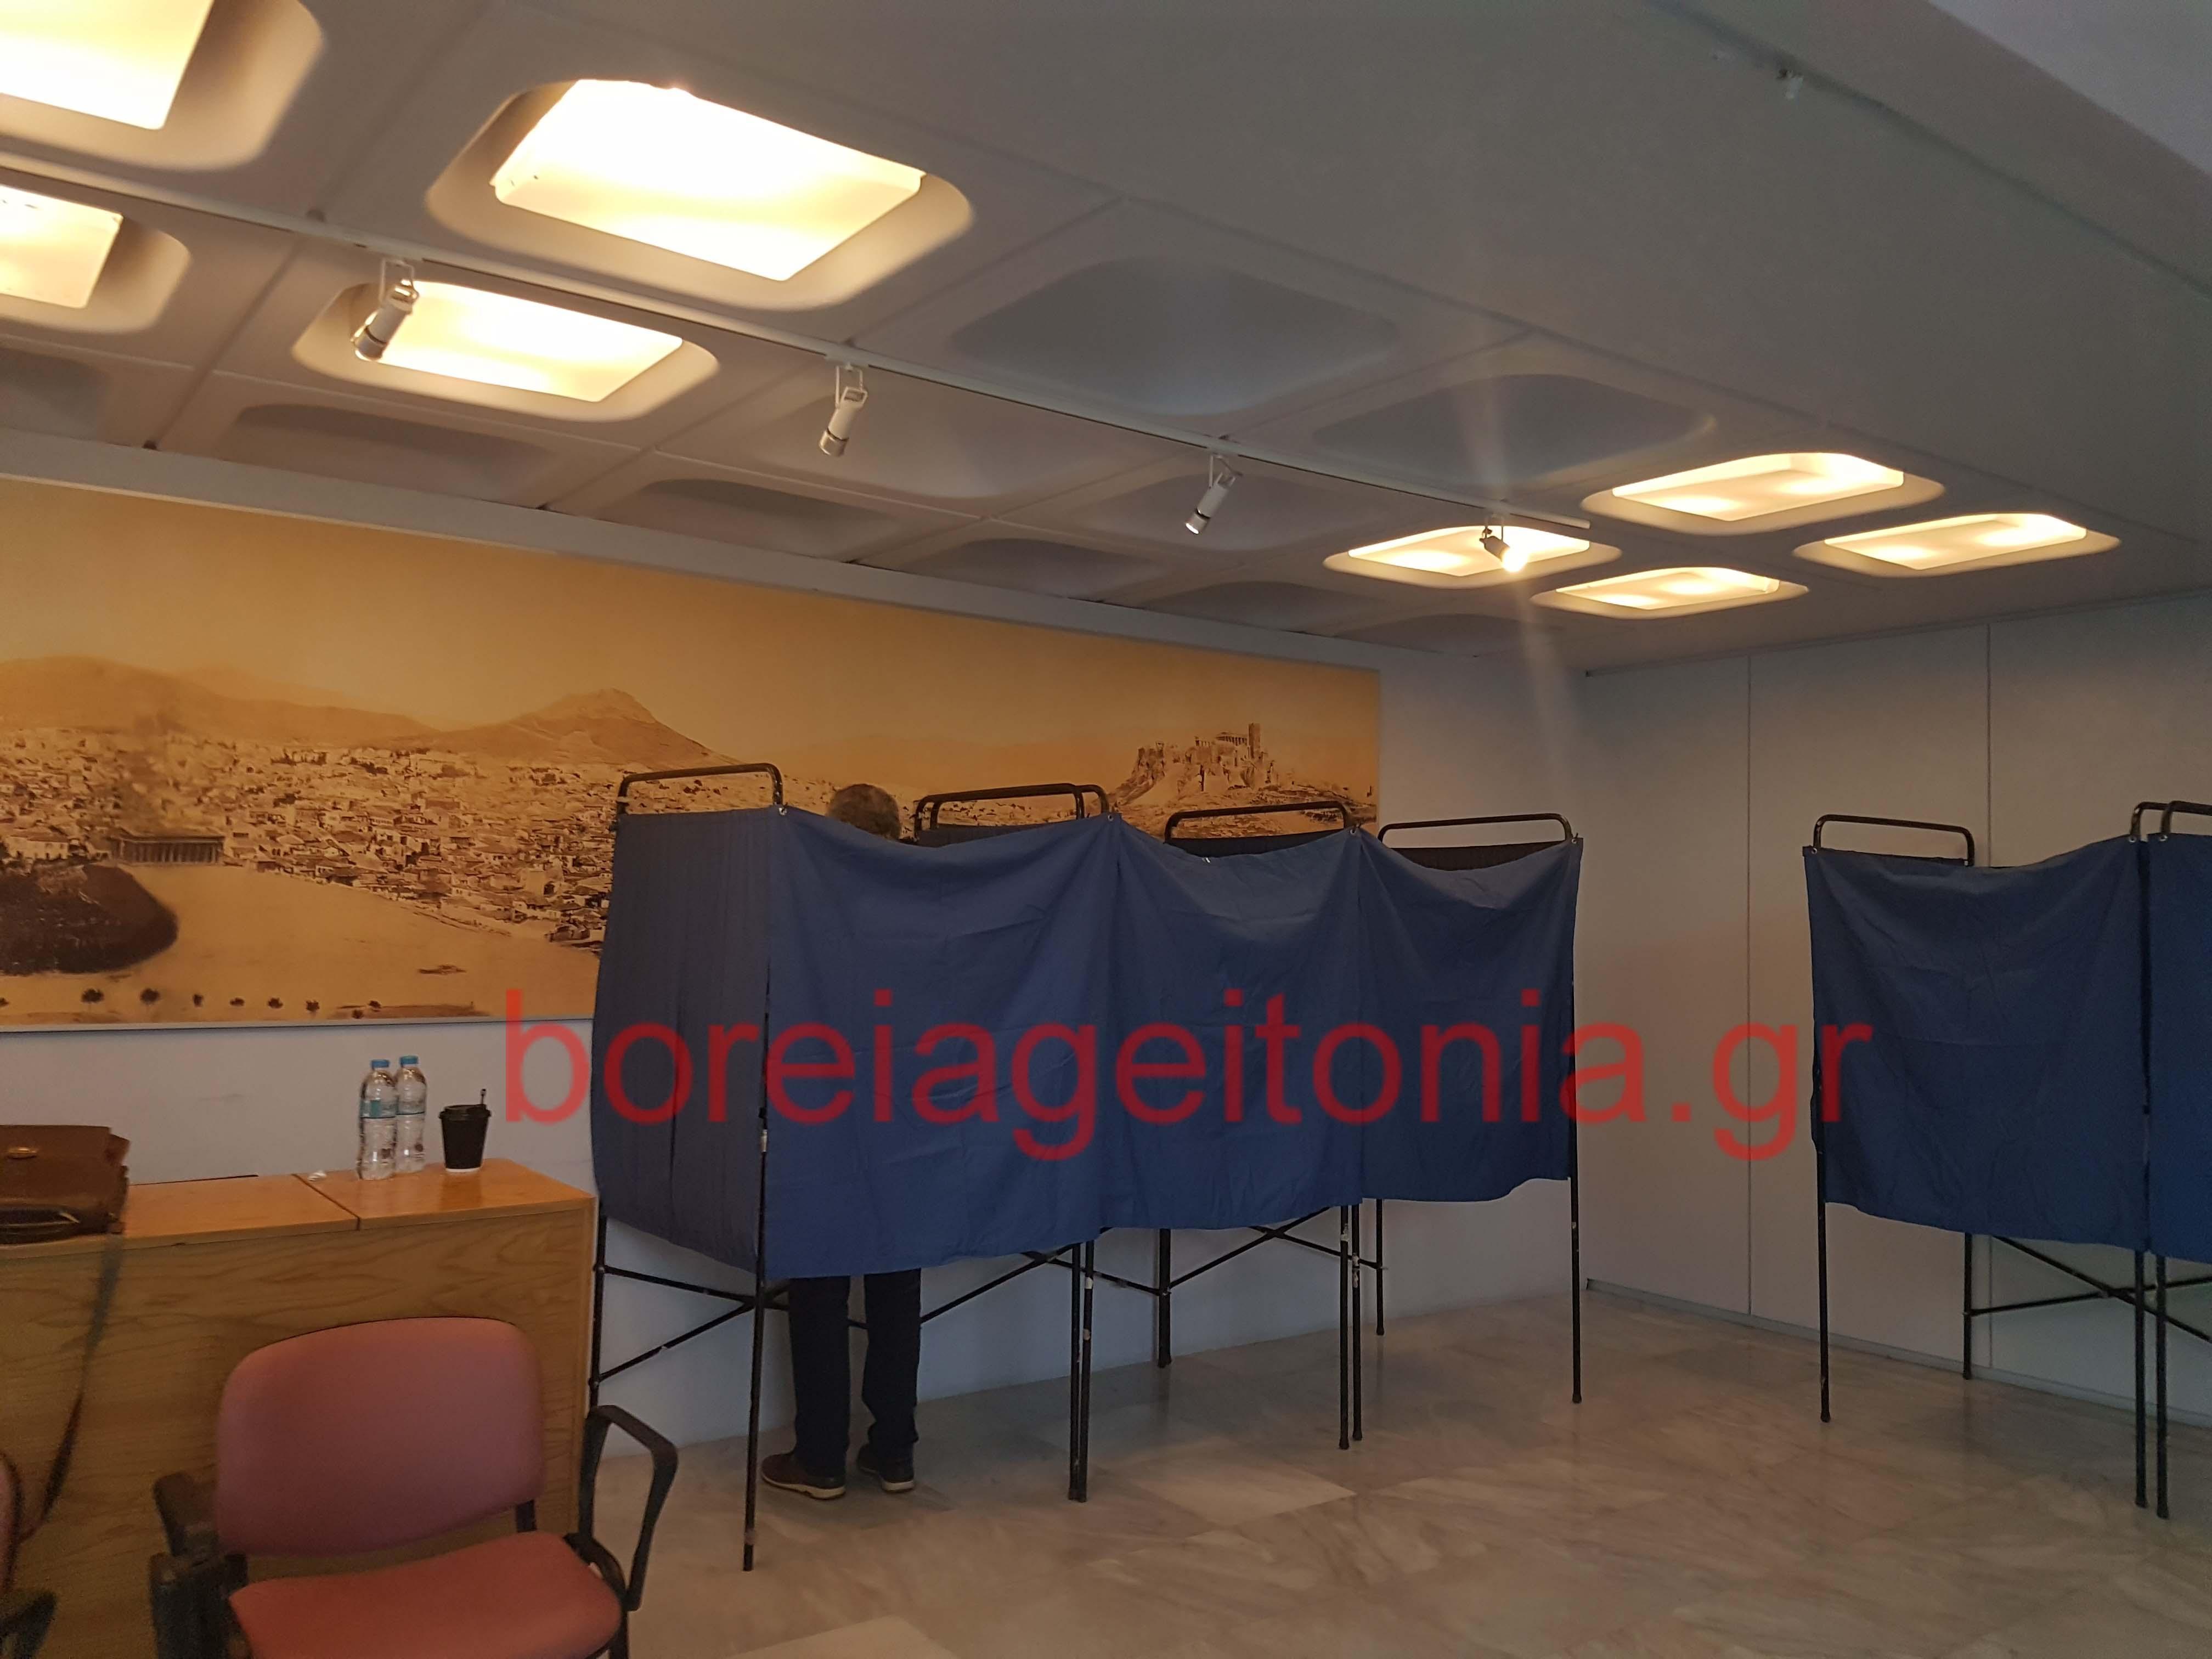 2000 άτομα προσήλθαν να ψηφίσουν για την Κεντροαριστέρα στο Χολαργό